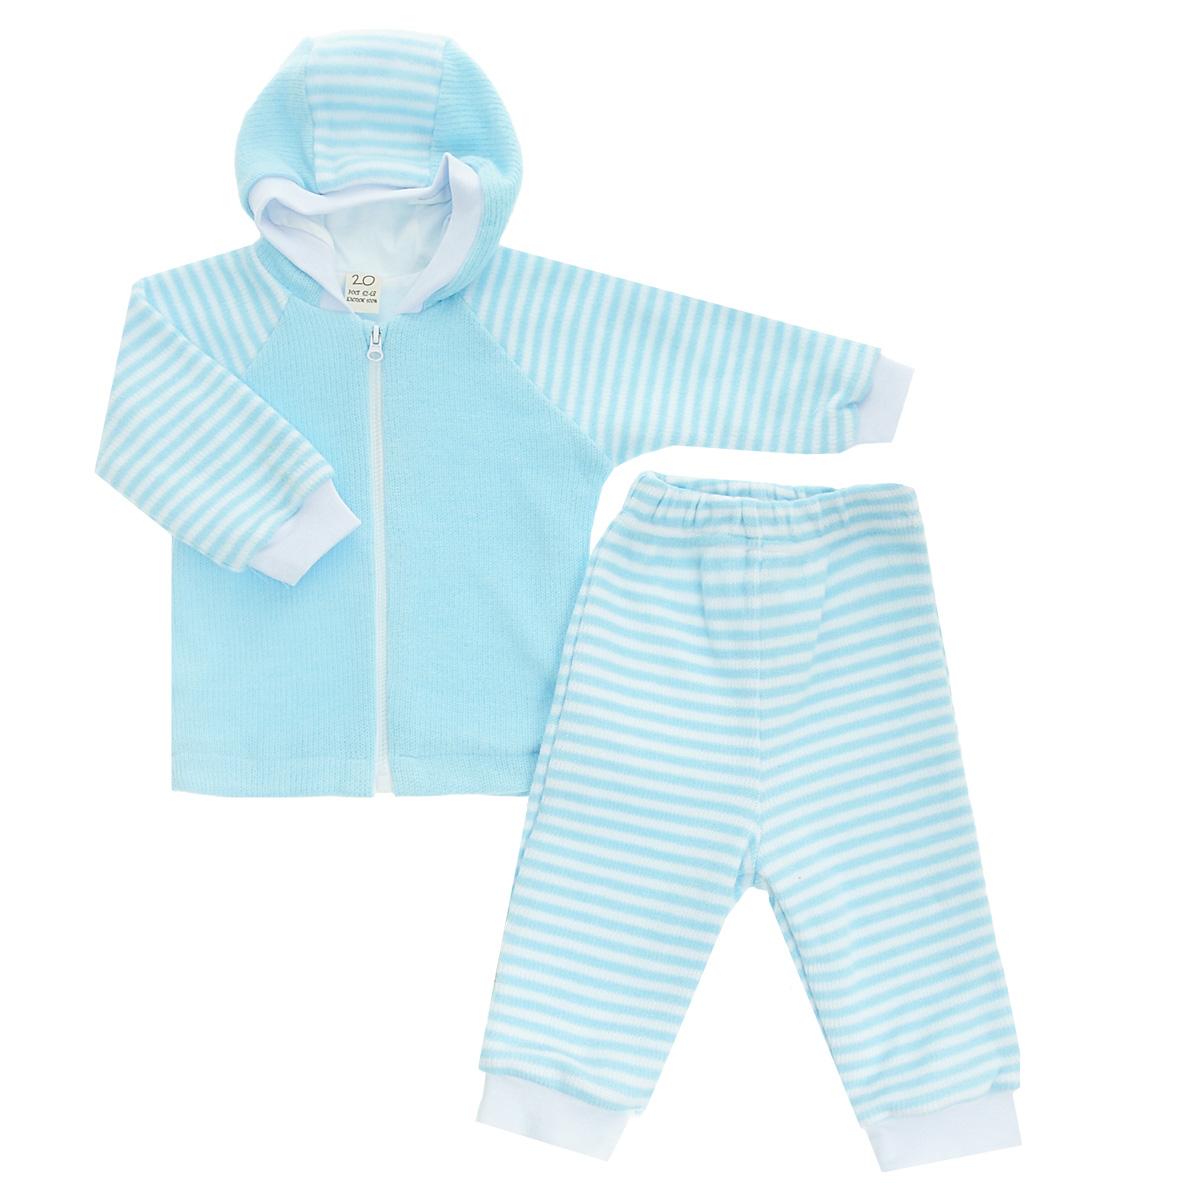 Комплект детский Lucky Child: кофта, брюки, цвет: голубой, белая полоска. 4-15. Размер 68/744-15Детский вязаный комплект Lucky Child, состоящий из кофты и брюк - очень удобный и практичный. Комплект выполнен из натурального хлопка, на подкладке также используется натуральный хлопок, благодаря чему он необычайно мягкий и приятный на ощупь, не раздражают нежную кожу ребенка и хорошо вентилируются, а эластичные швы приятны телу малыша и не препятствуют его движениям. Кофта с капюшоном и длинными рукавами-реглан застегивается на пластиковую застежку-молнию. Рукава понизу дополнены широкими трикотажными манжетами, не перетягивающими запястья. Брюки прямого покроя на талии имеют широкую эластичную резинку, благодаря чему они не сдавливают животик ребенка и не сползают. Понизу штанины также дополнены широкими трикотажными манжетами. Комплект идеален как самостоятельная верхняя одежда прохладным летом или ранней осенью. Комплект полностью соответствует особенностям жизни малыша, не стесняя и не ограничивая его в движениях!